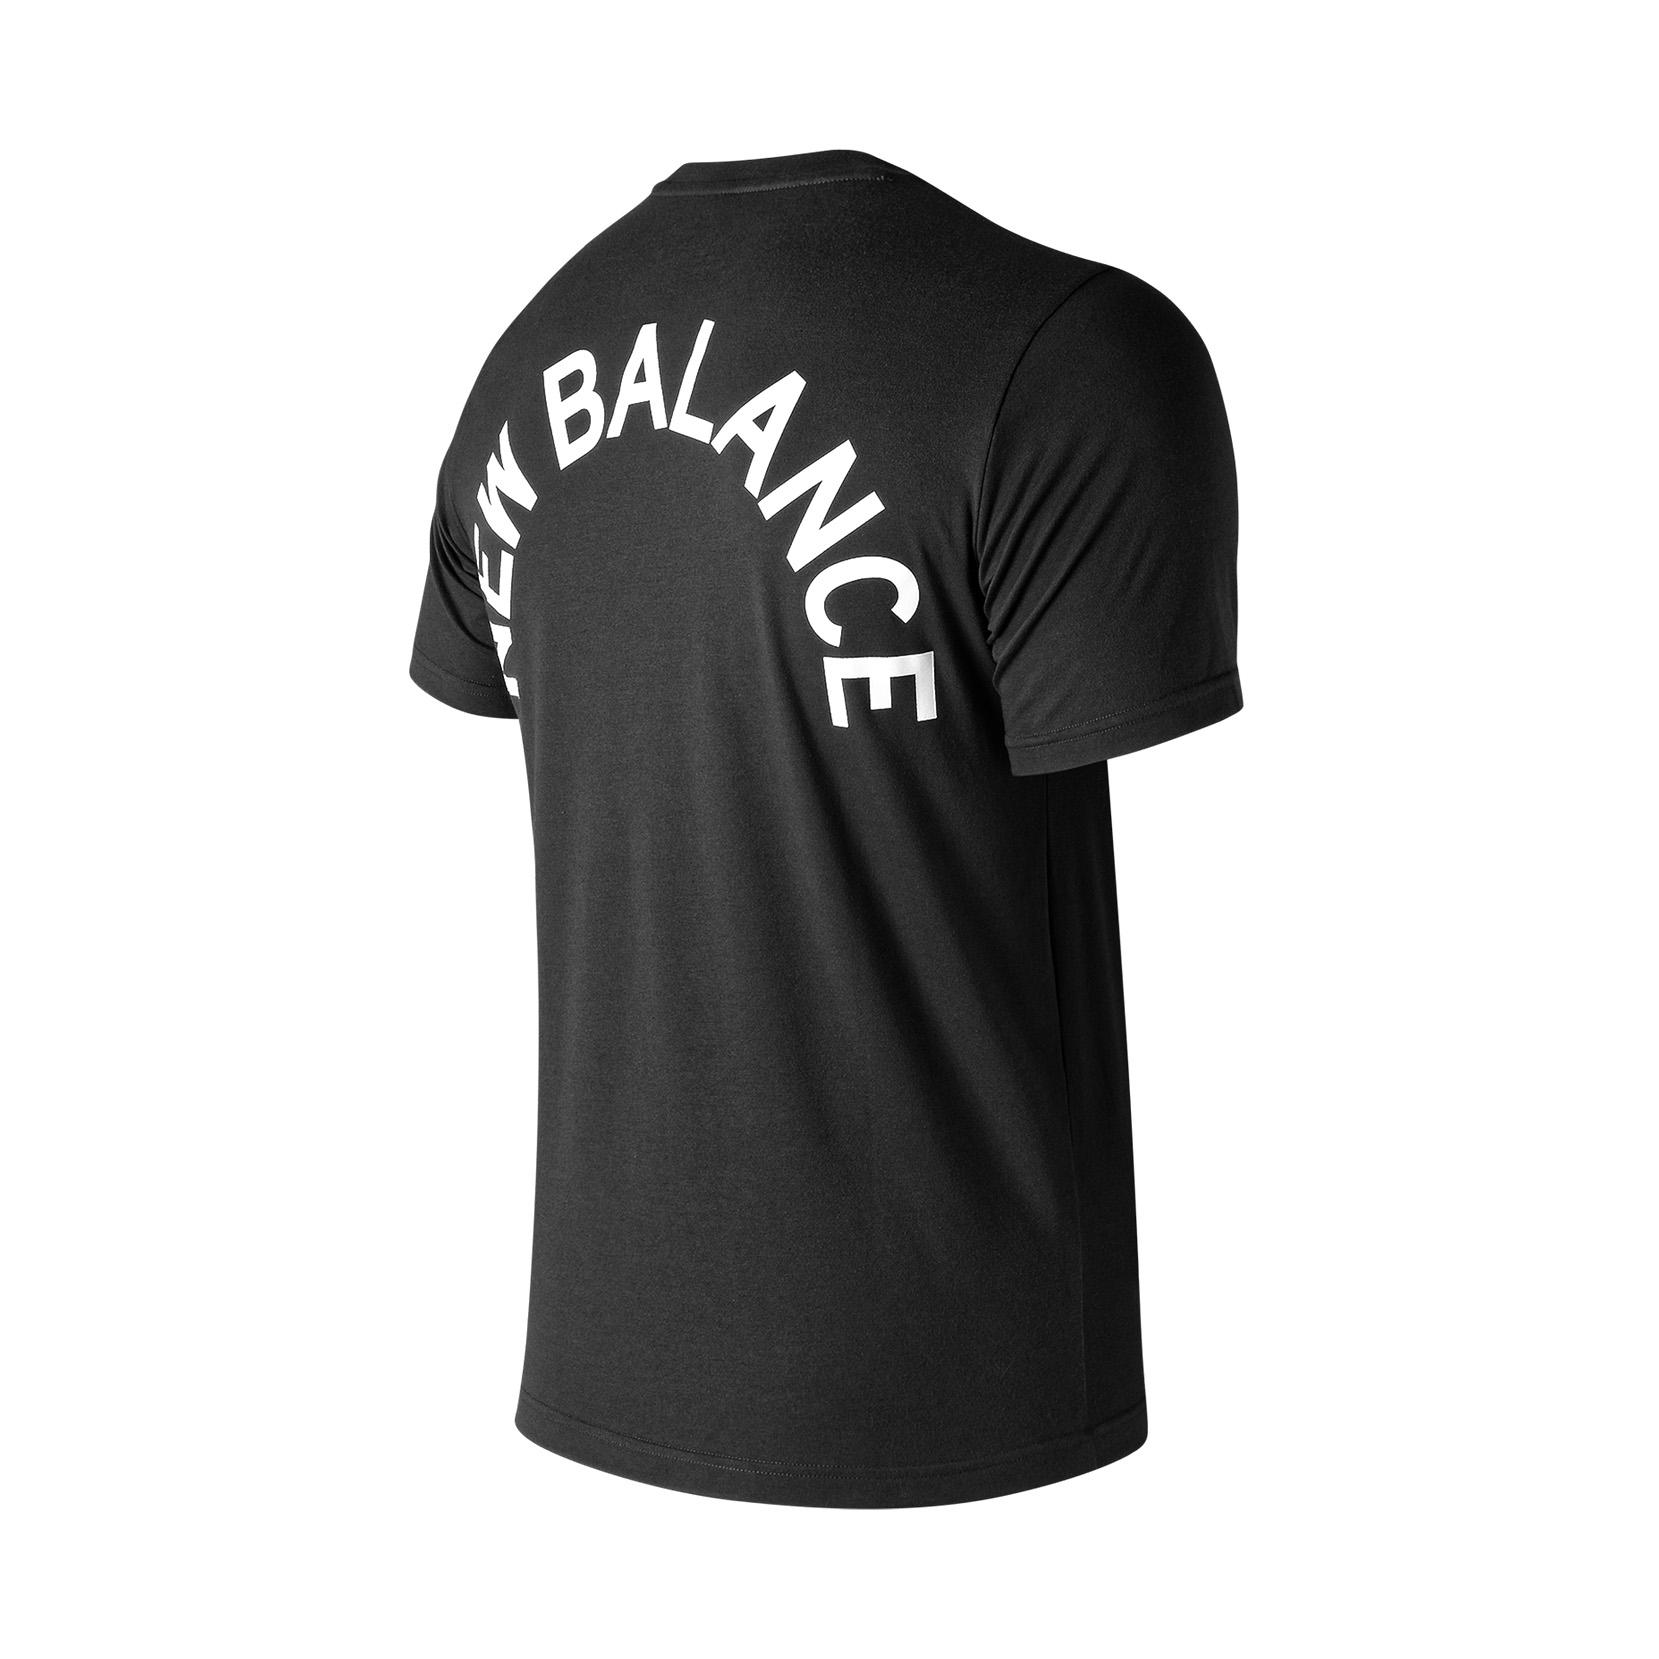 Футболка NB Arch Graphic Tee для чоловіків MT91924BK | New Balance